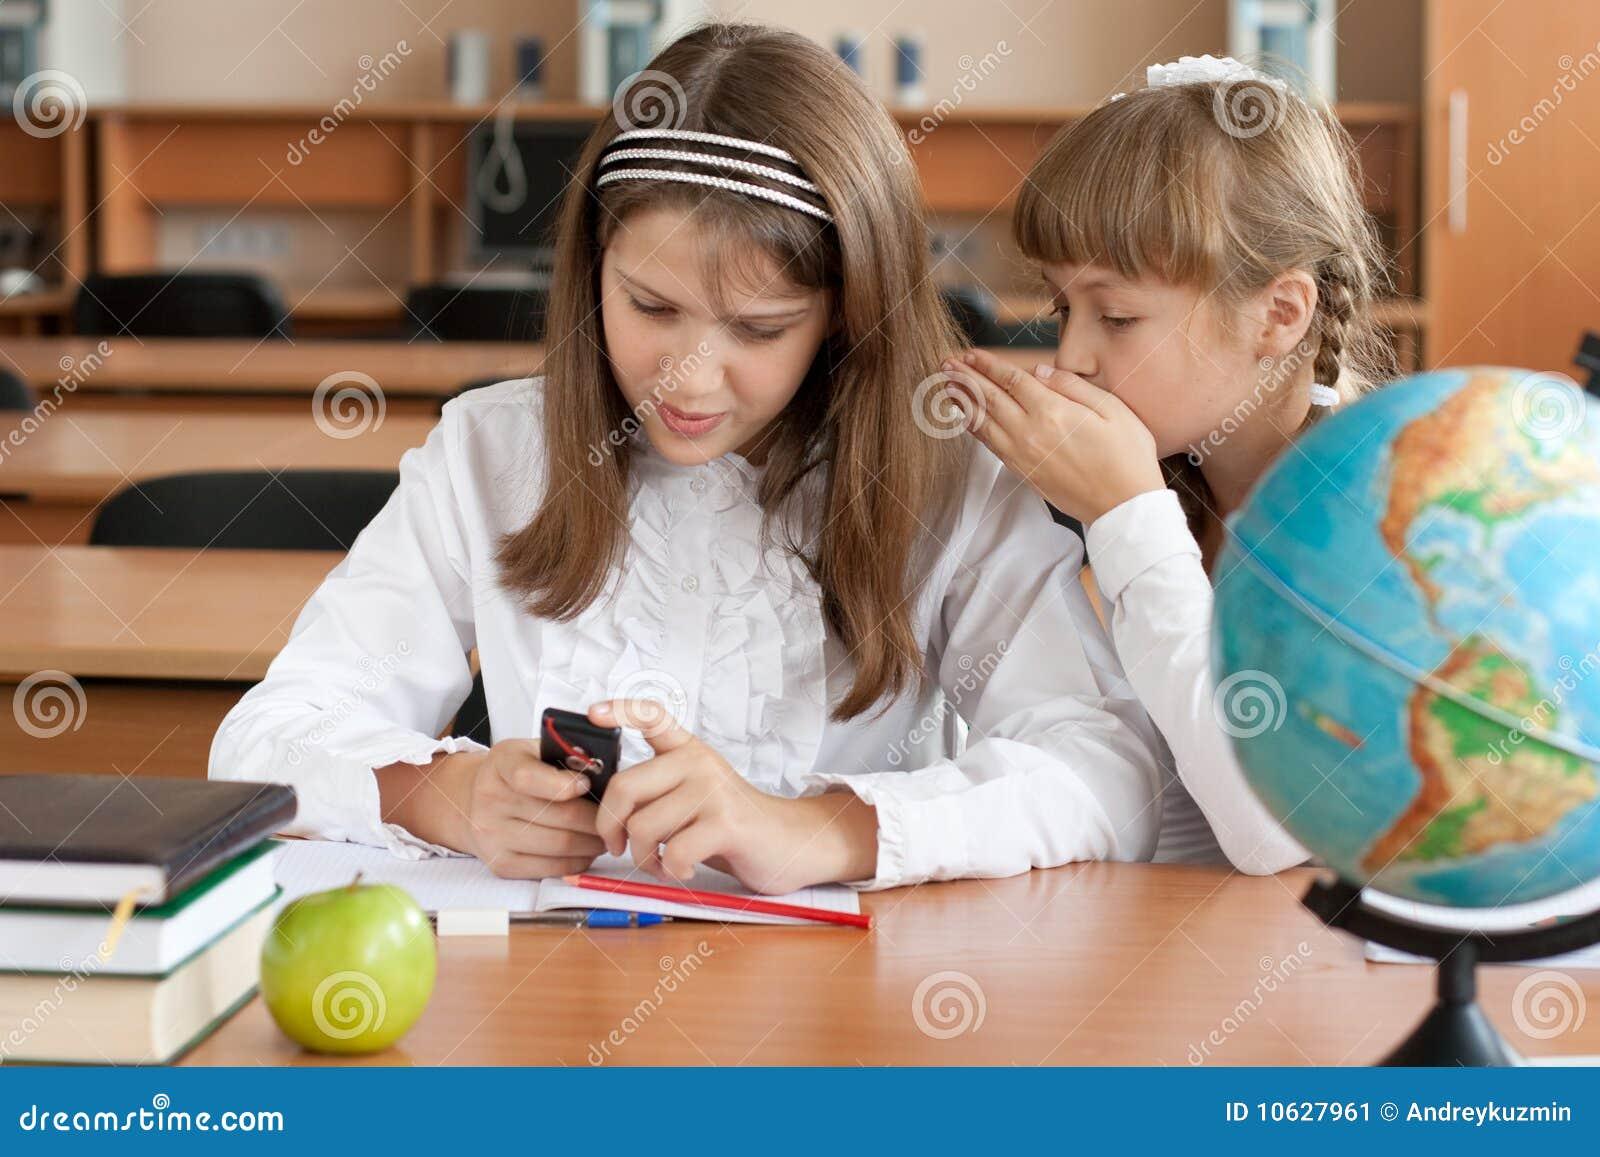 Фото девочка на уроке 9 фотография